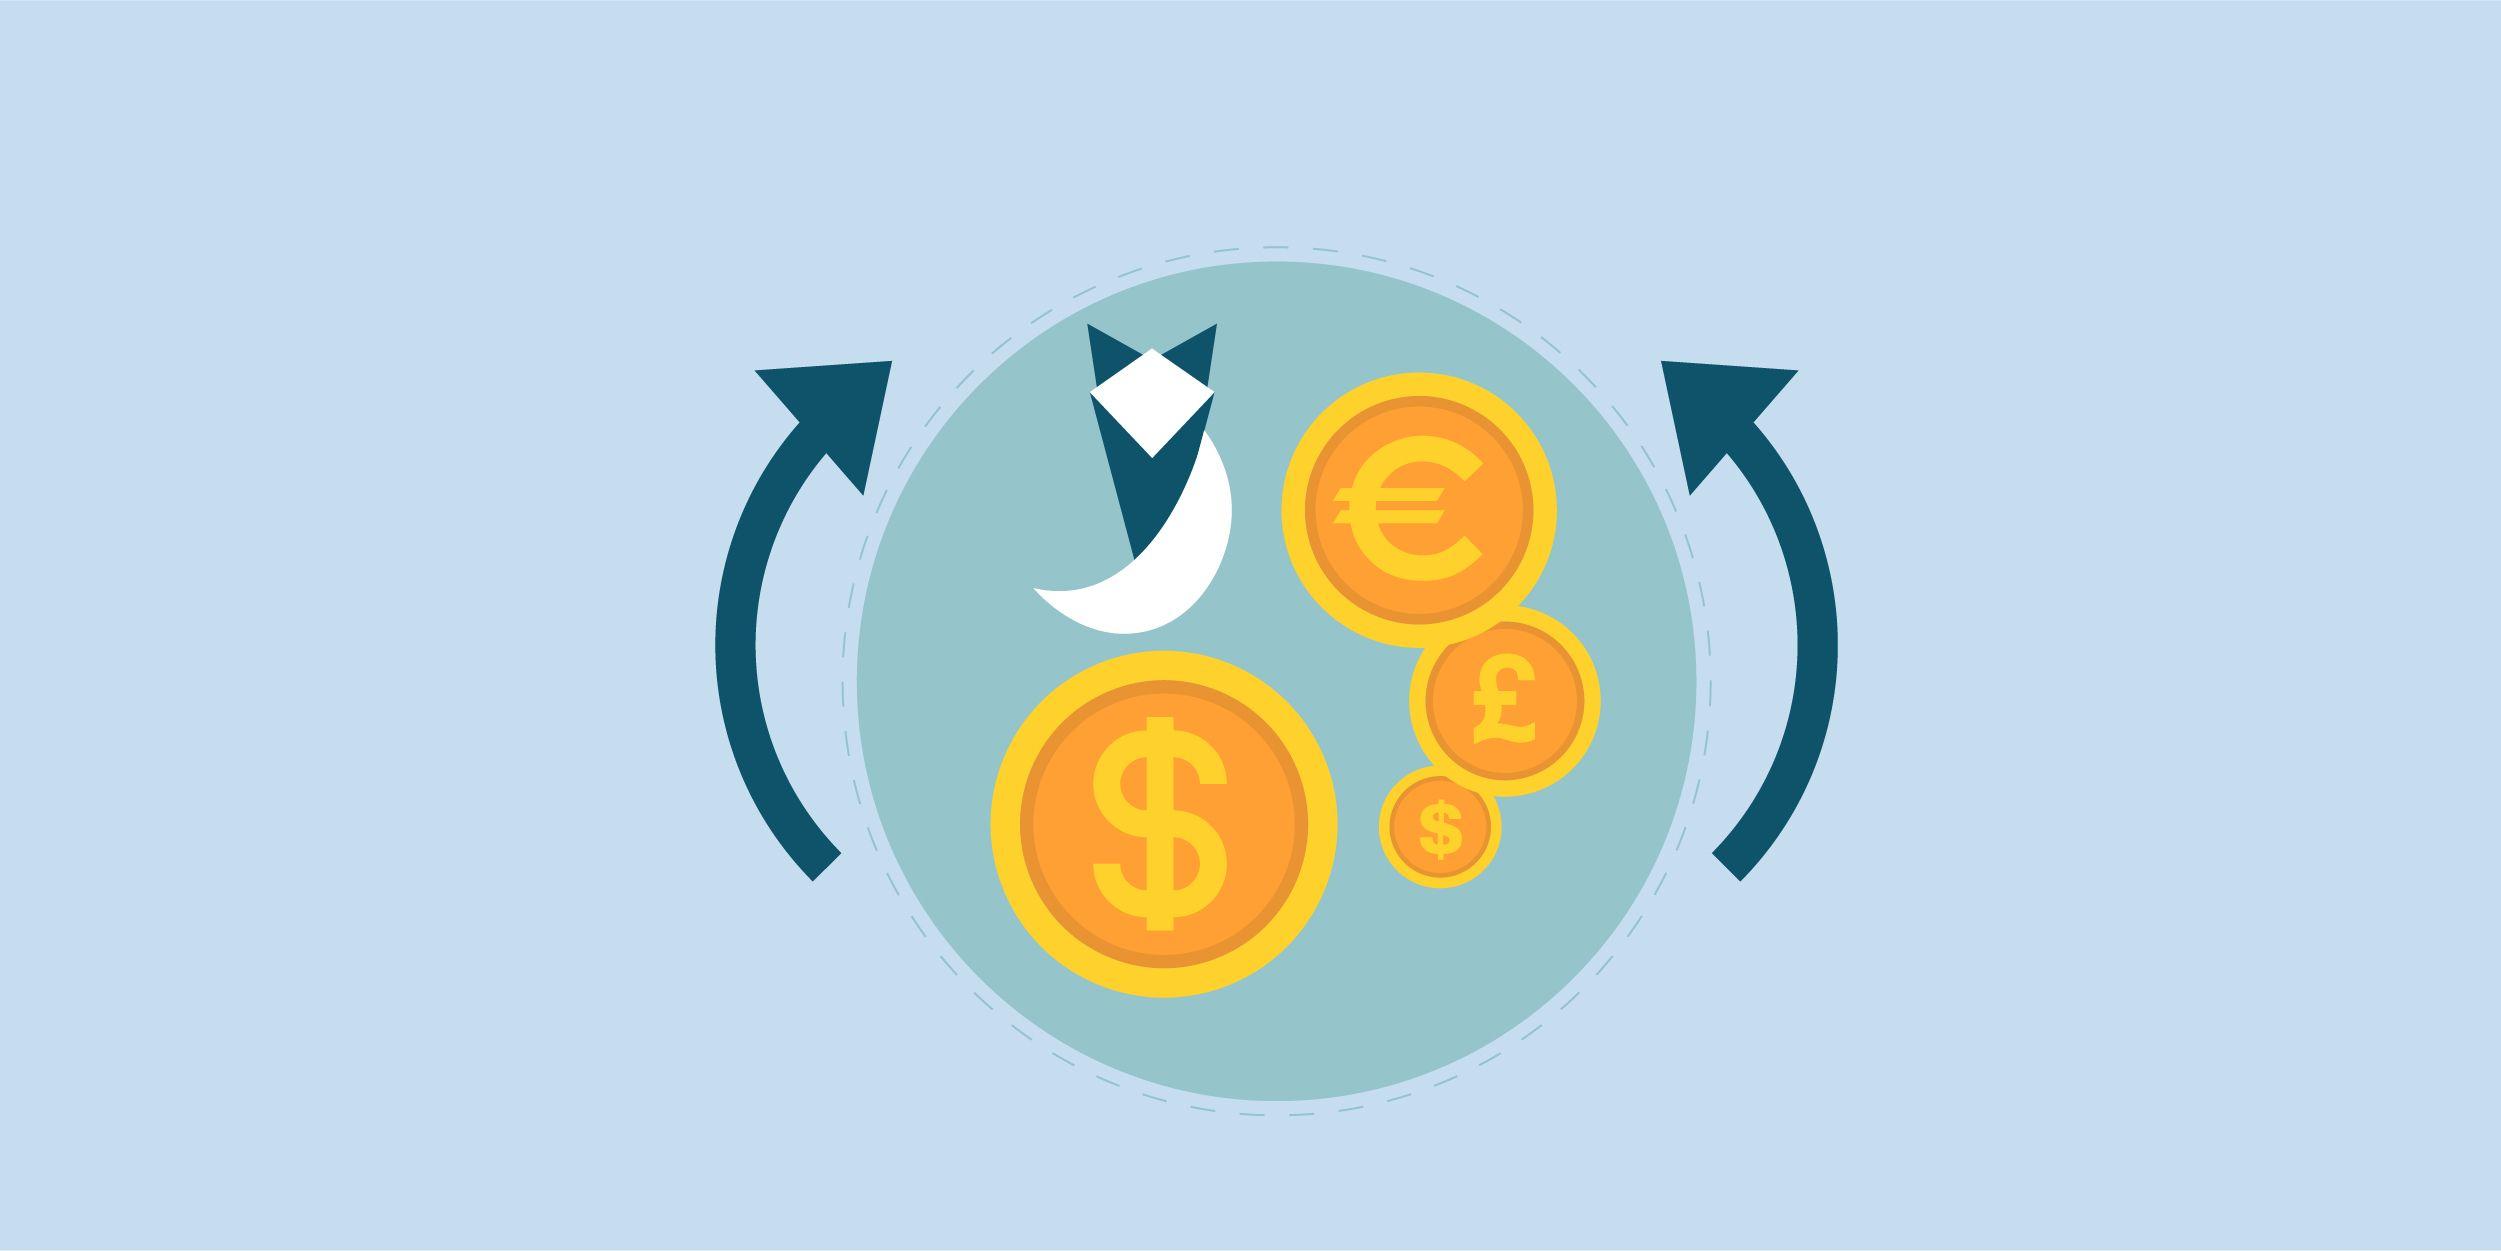 أسعار العملات الأجنبية اليوم: الأحد 29 أغسطس 2021